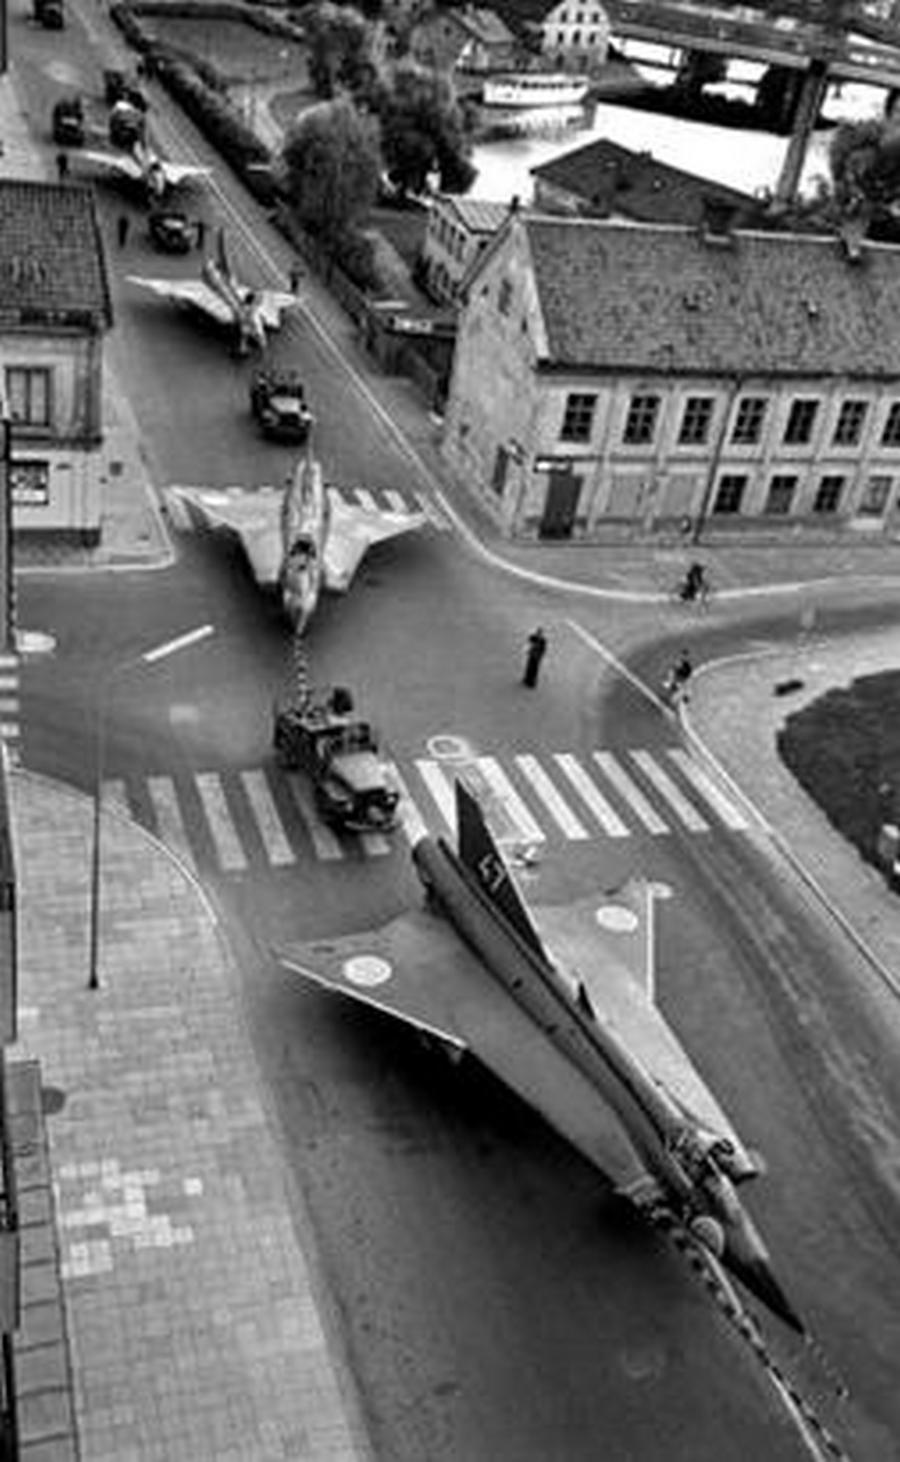 1966. Svédország. Néhány Saab Draken 29-es átszállítása Linköping belvárosán..jpg